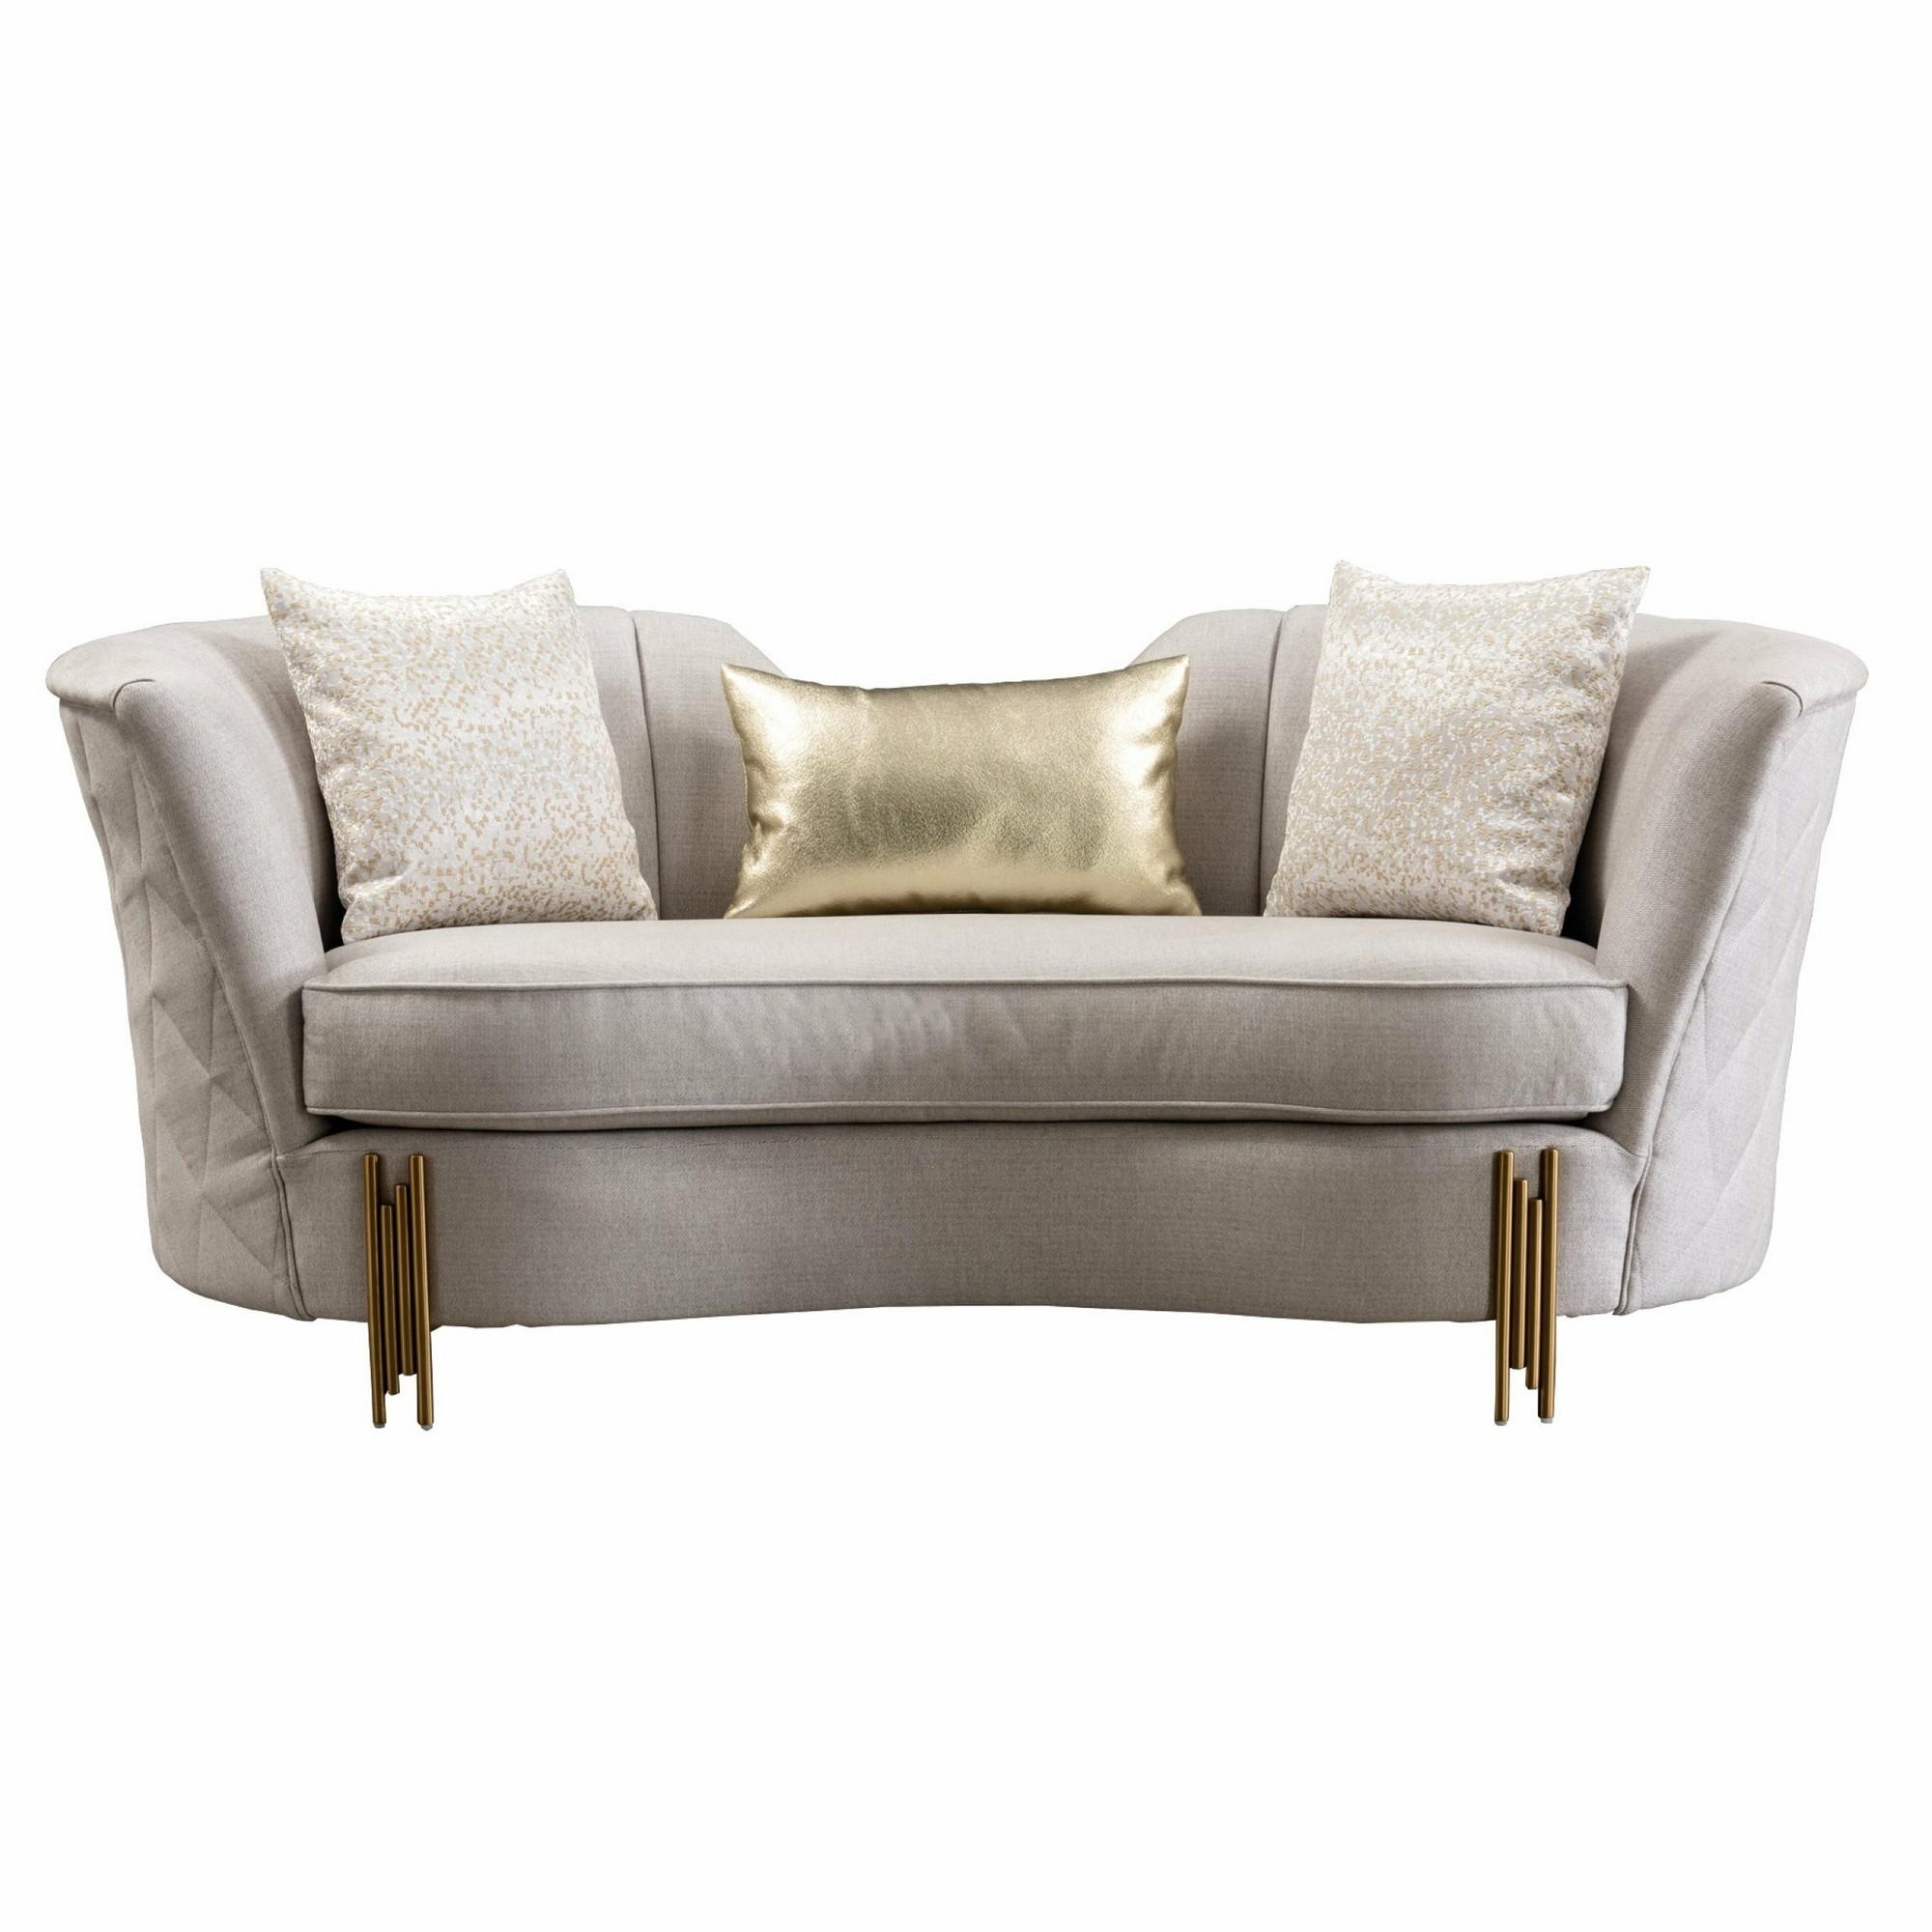 Losanna Fabric Sofa, 2 Seater